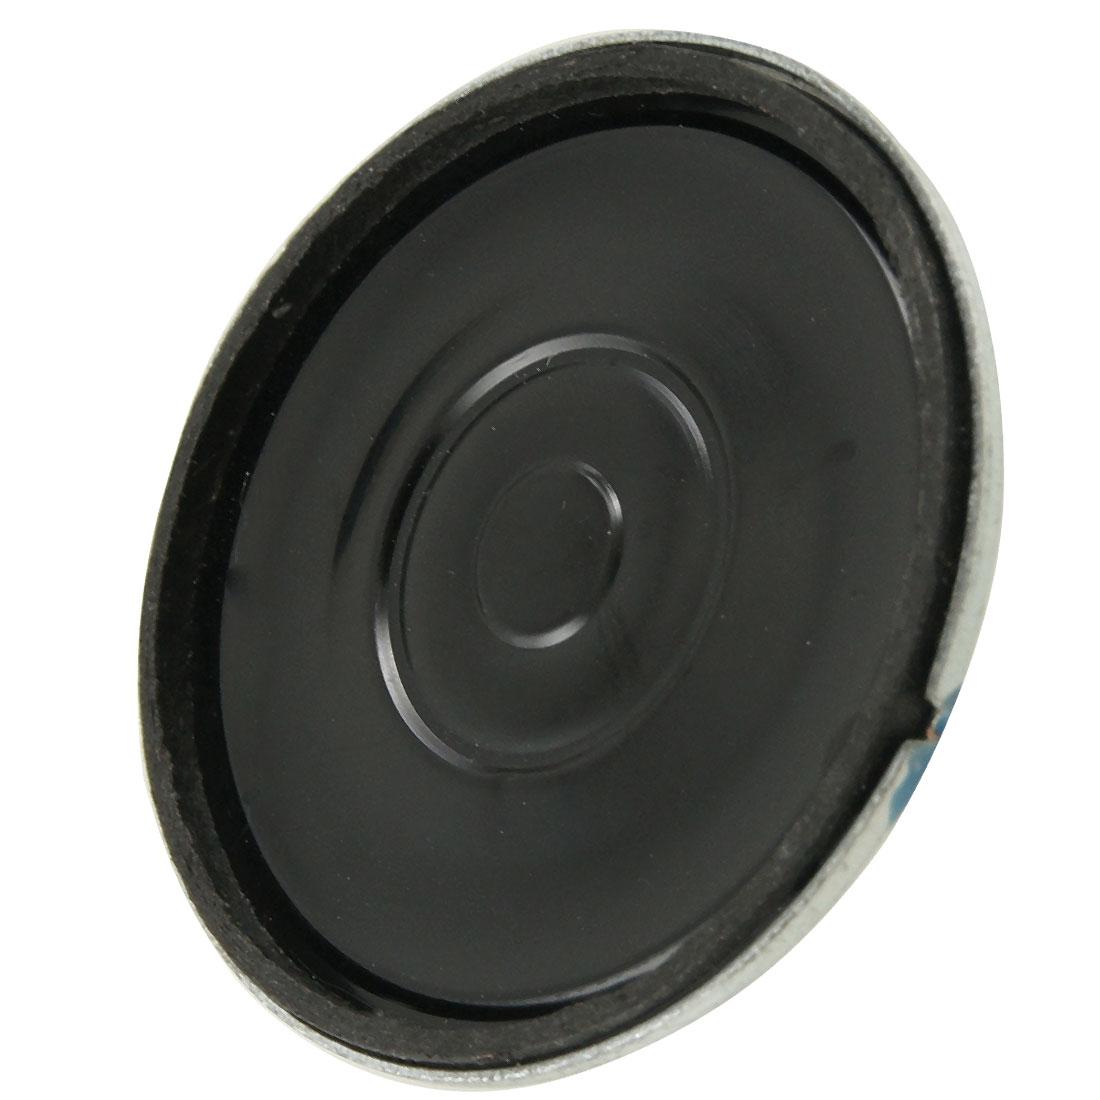 Audio Equipment 1W 8 Ohm 36mm Diameter Midrange Speaker